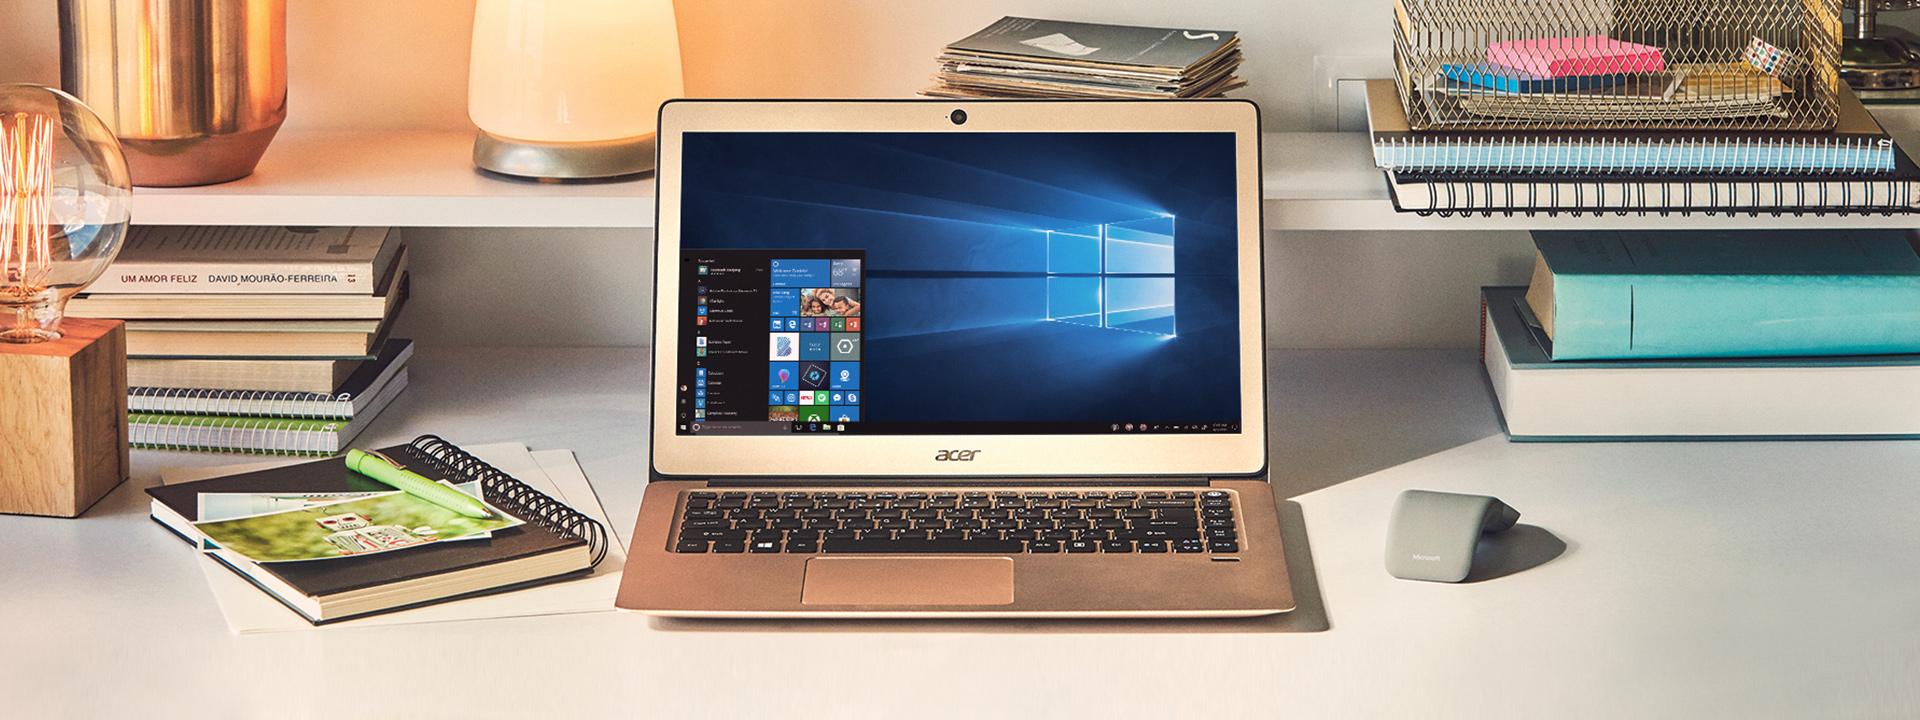 Acer bærbar datamaskin og mus på et skrivebord som er omgitt av bøker og notatblokker